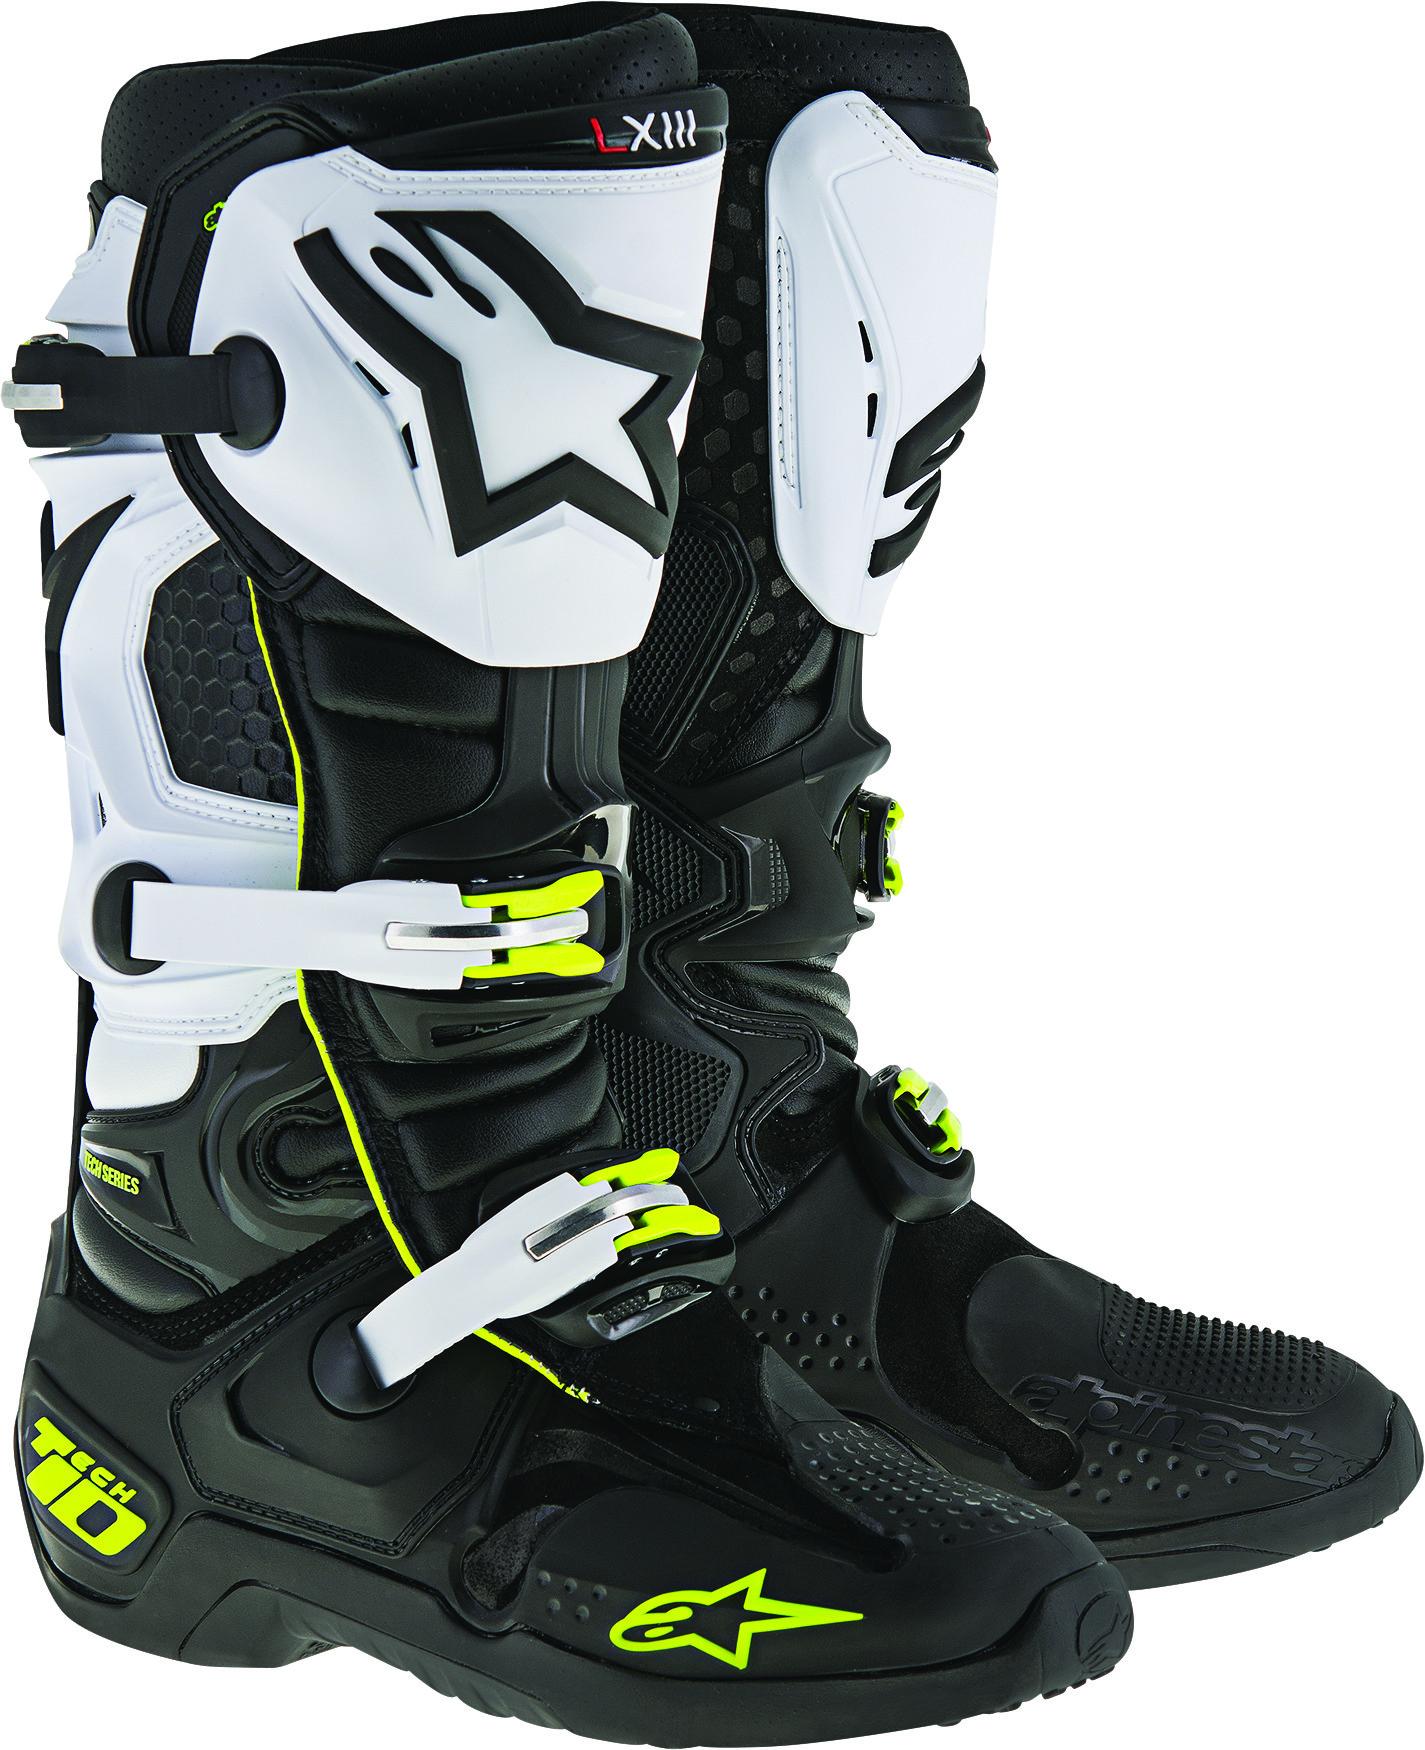 Tech 10 Boots Black/White Sz 10